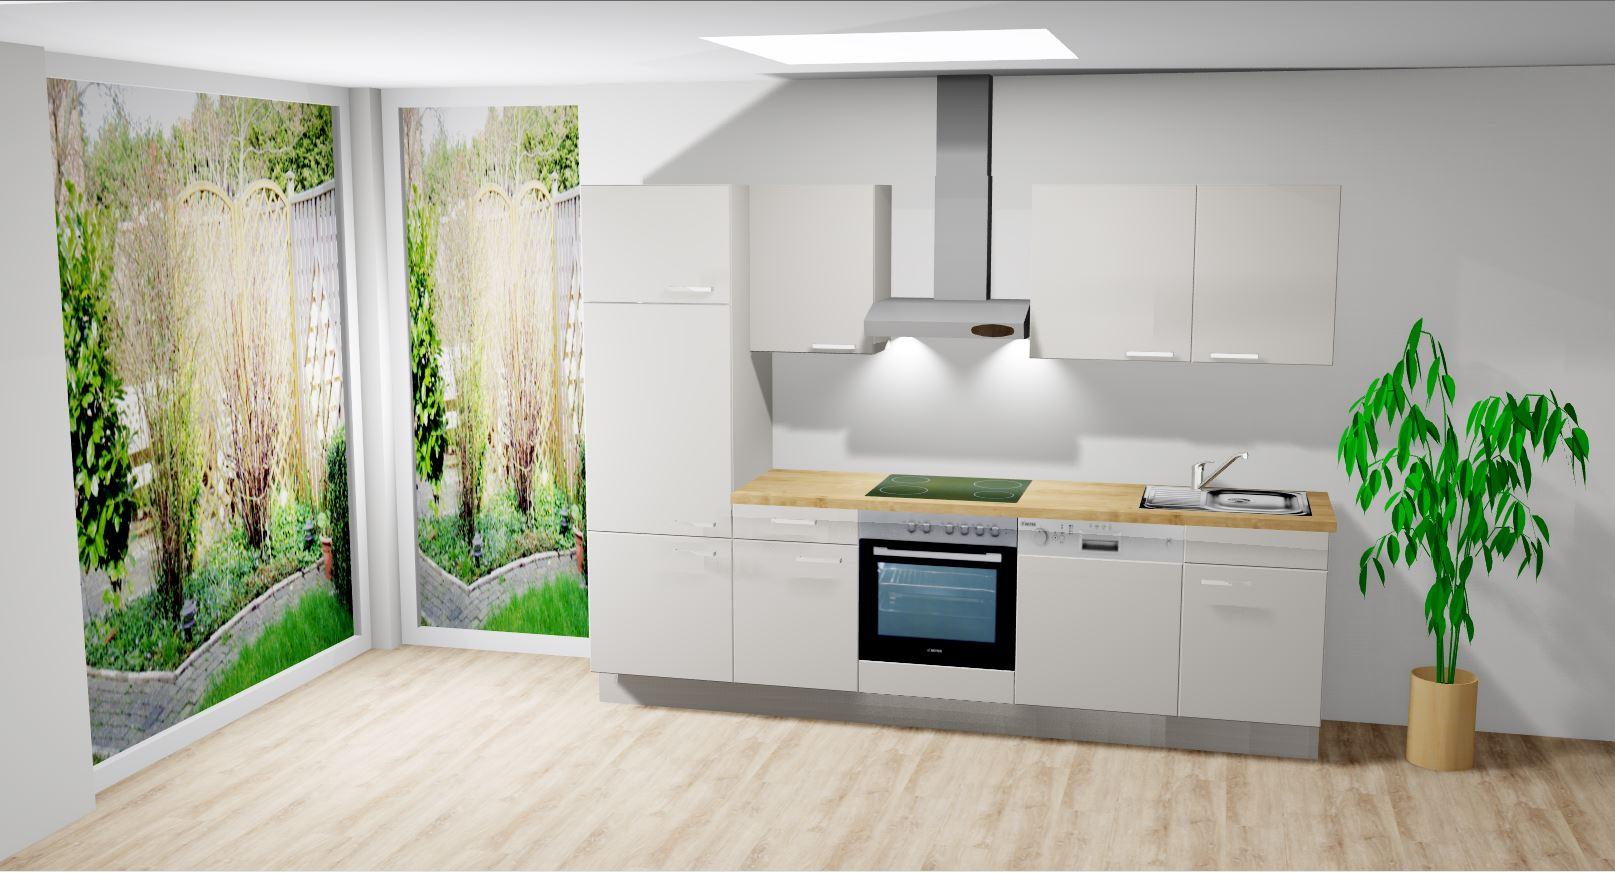 Küche Mit Block aktions küchen block - modern life shop - küchen & wohnräume mit stil